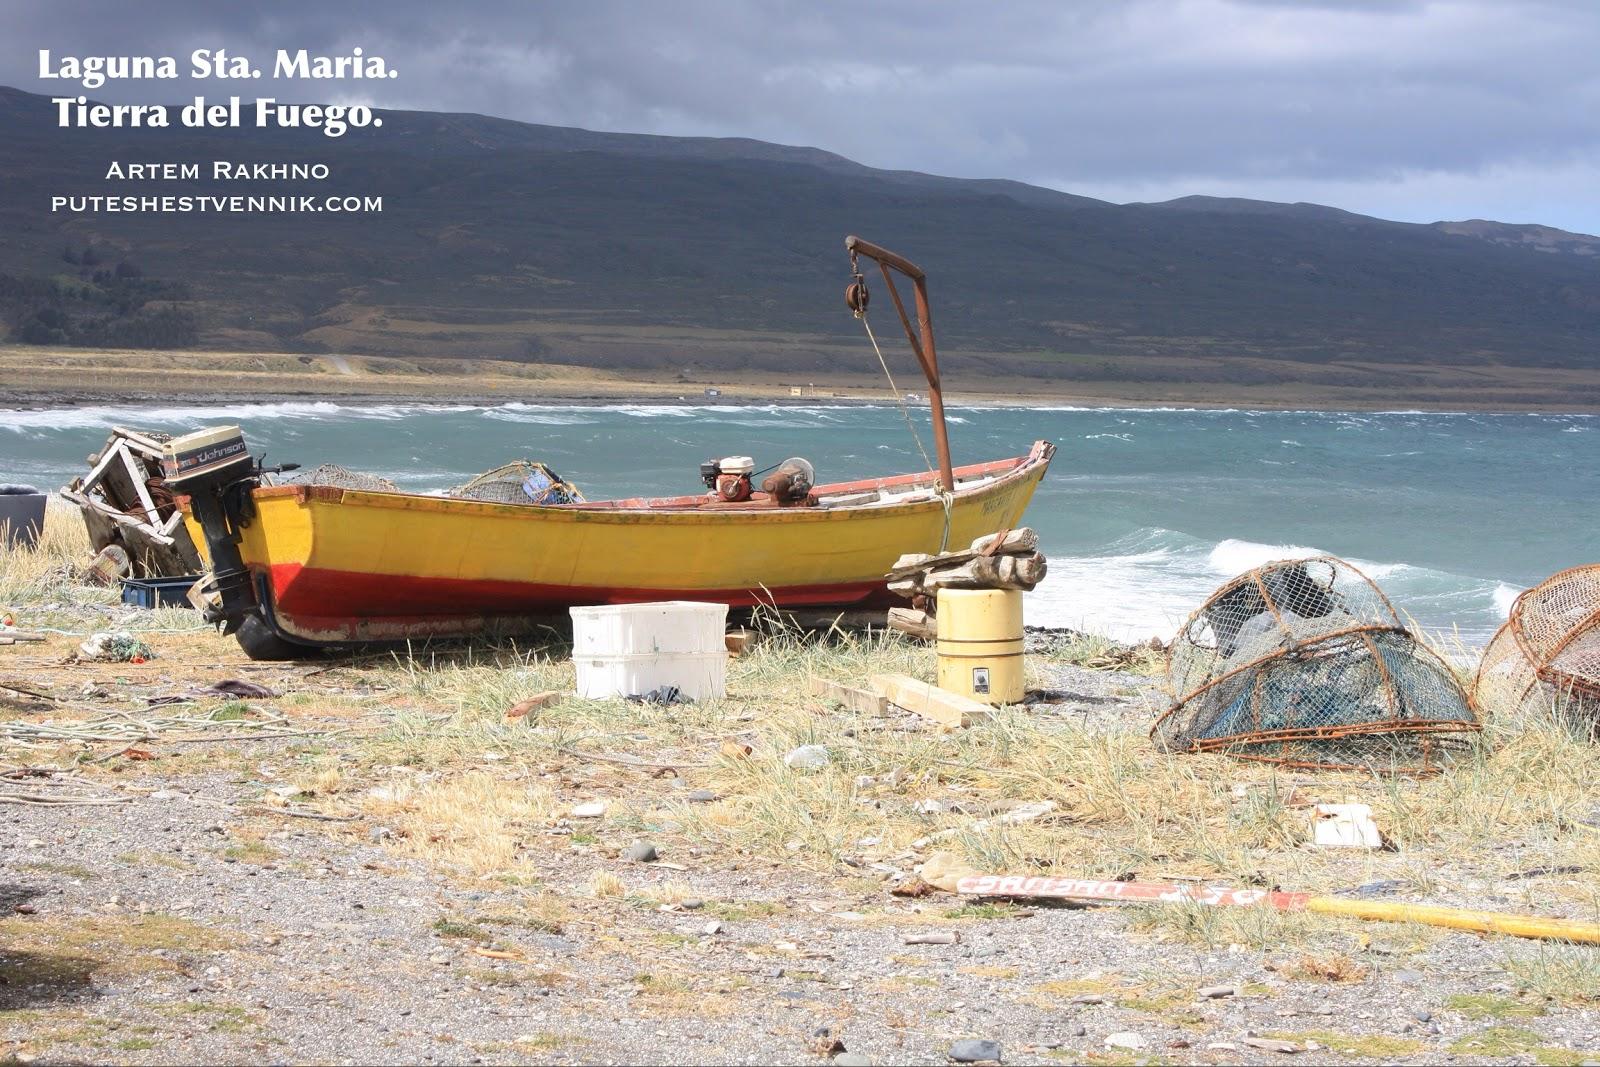 Моторная лодка на берегу Магелланова пролива